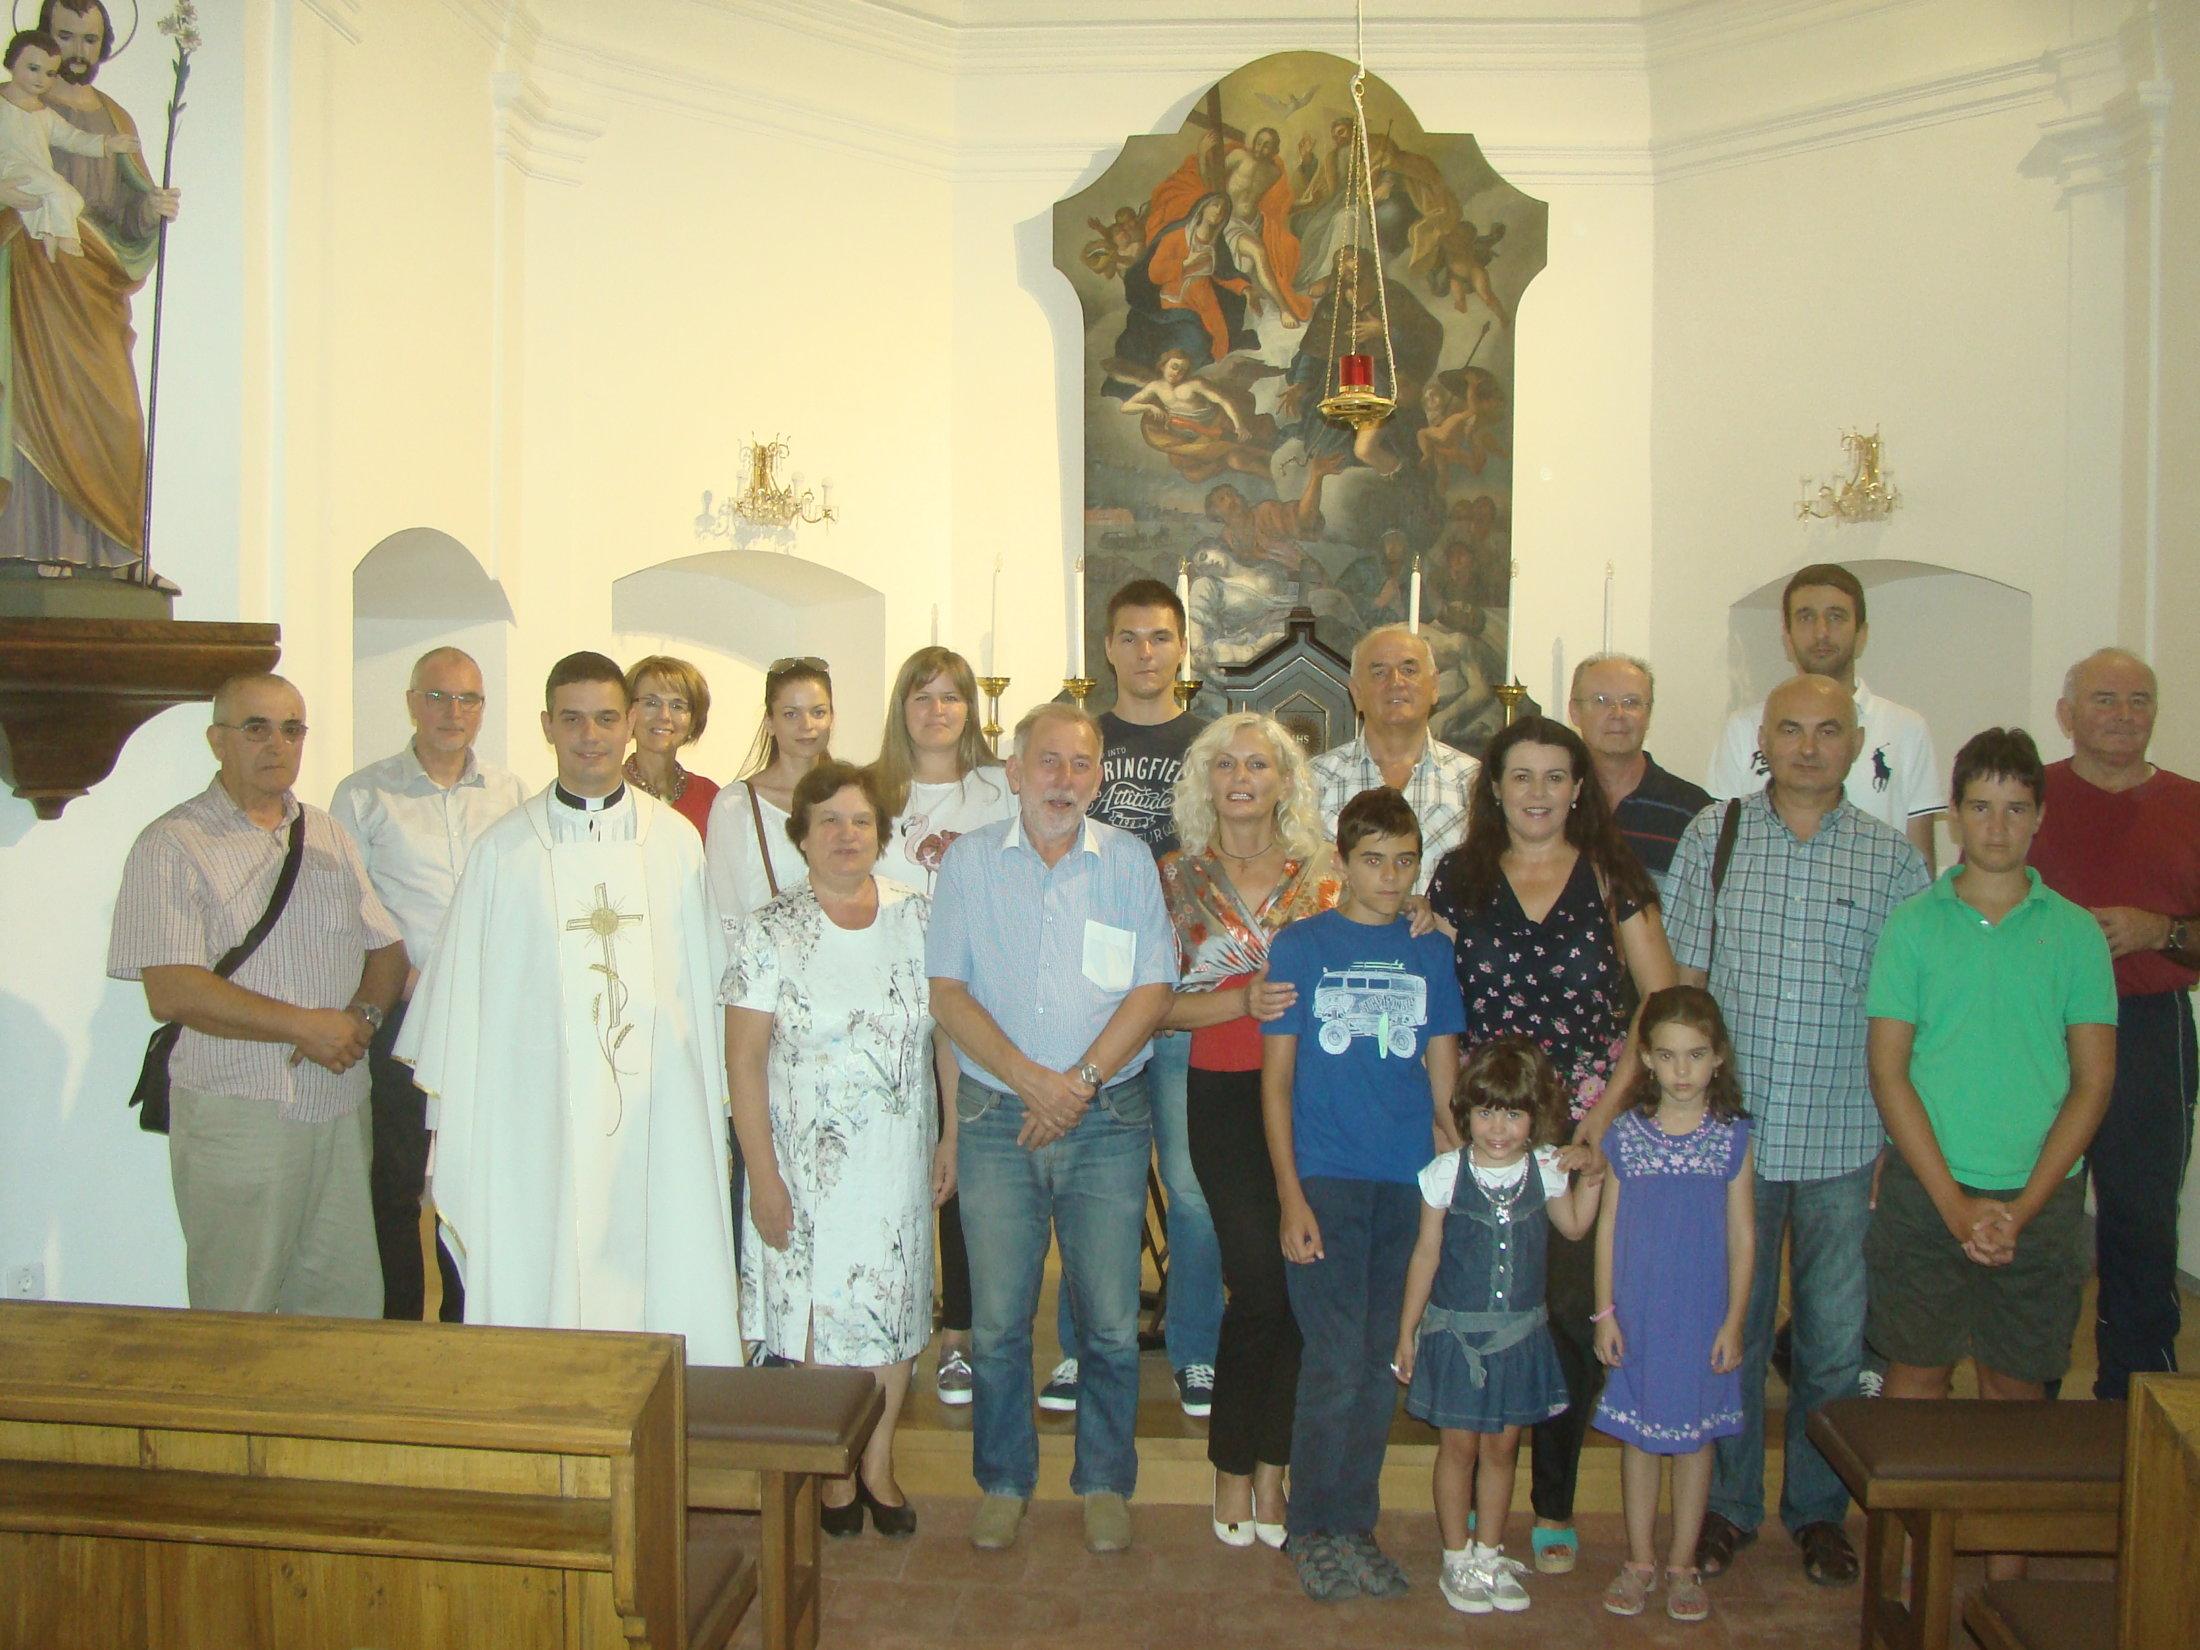 Zajednička Fotografija UKI-jevaca Na Spomendan Sv. Augustina 2018.,Osijek